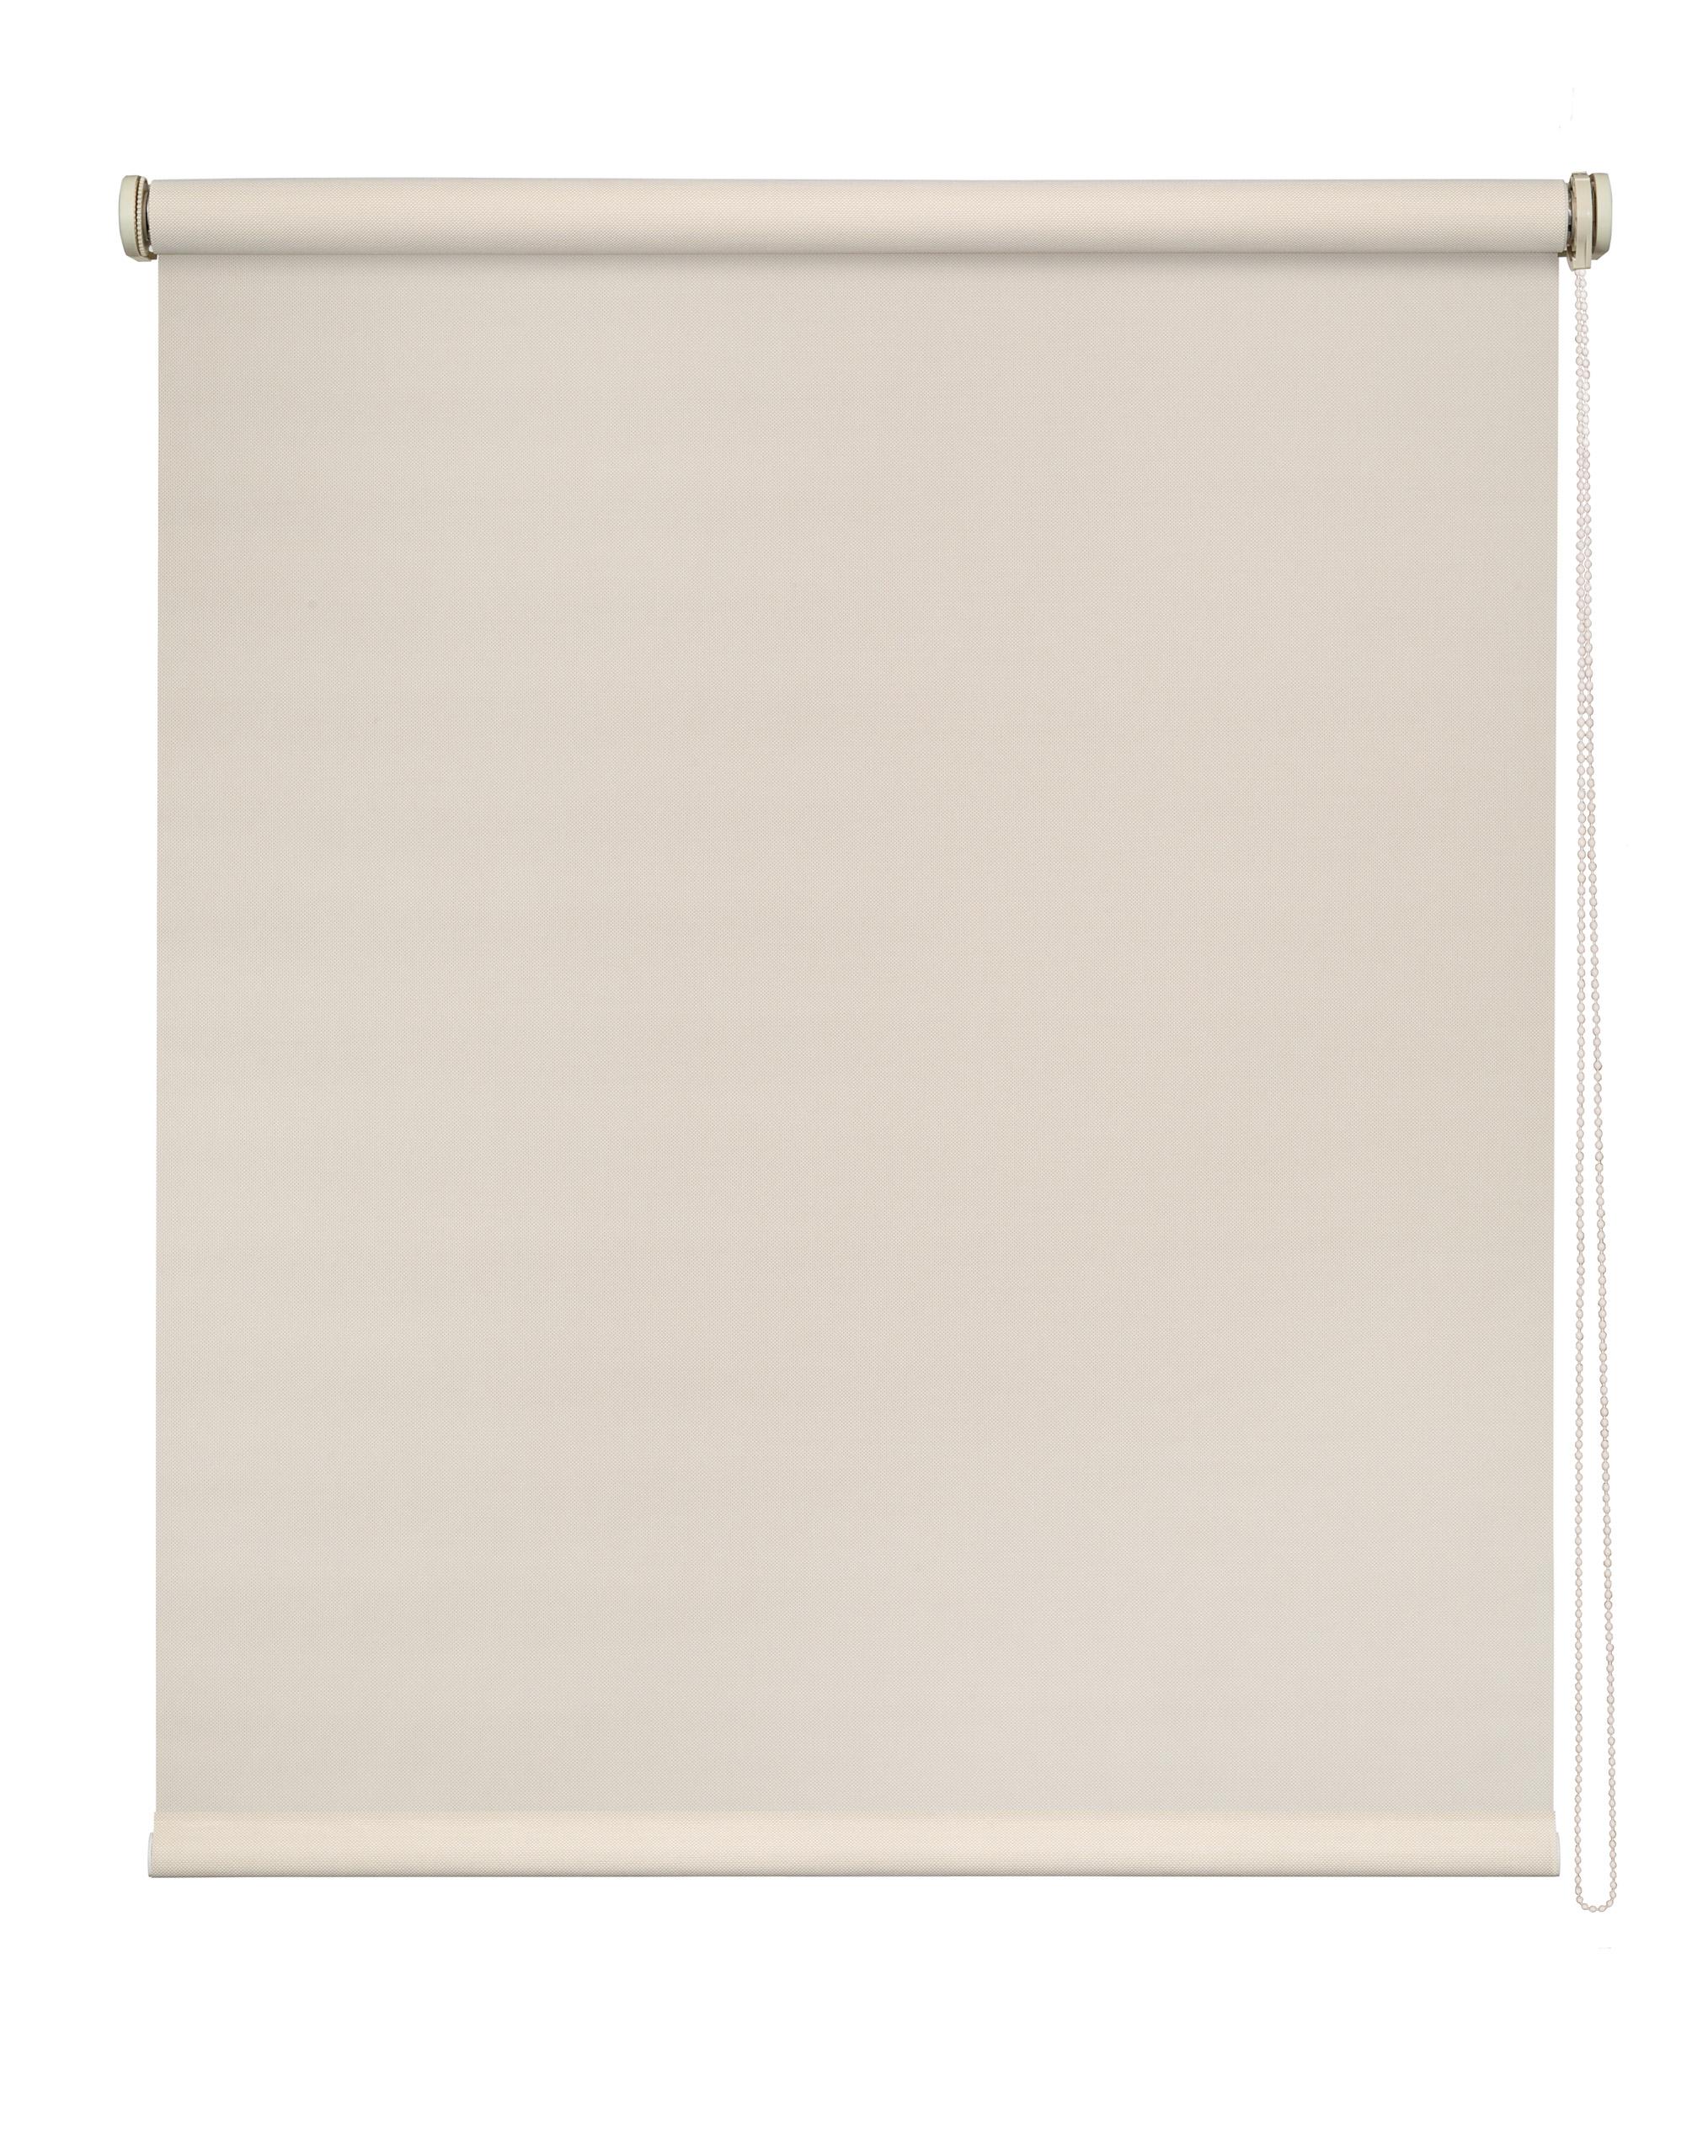 Store Enrouleur voile Screen - Gris - 180 x 250 cm